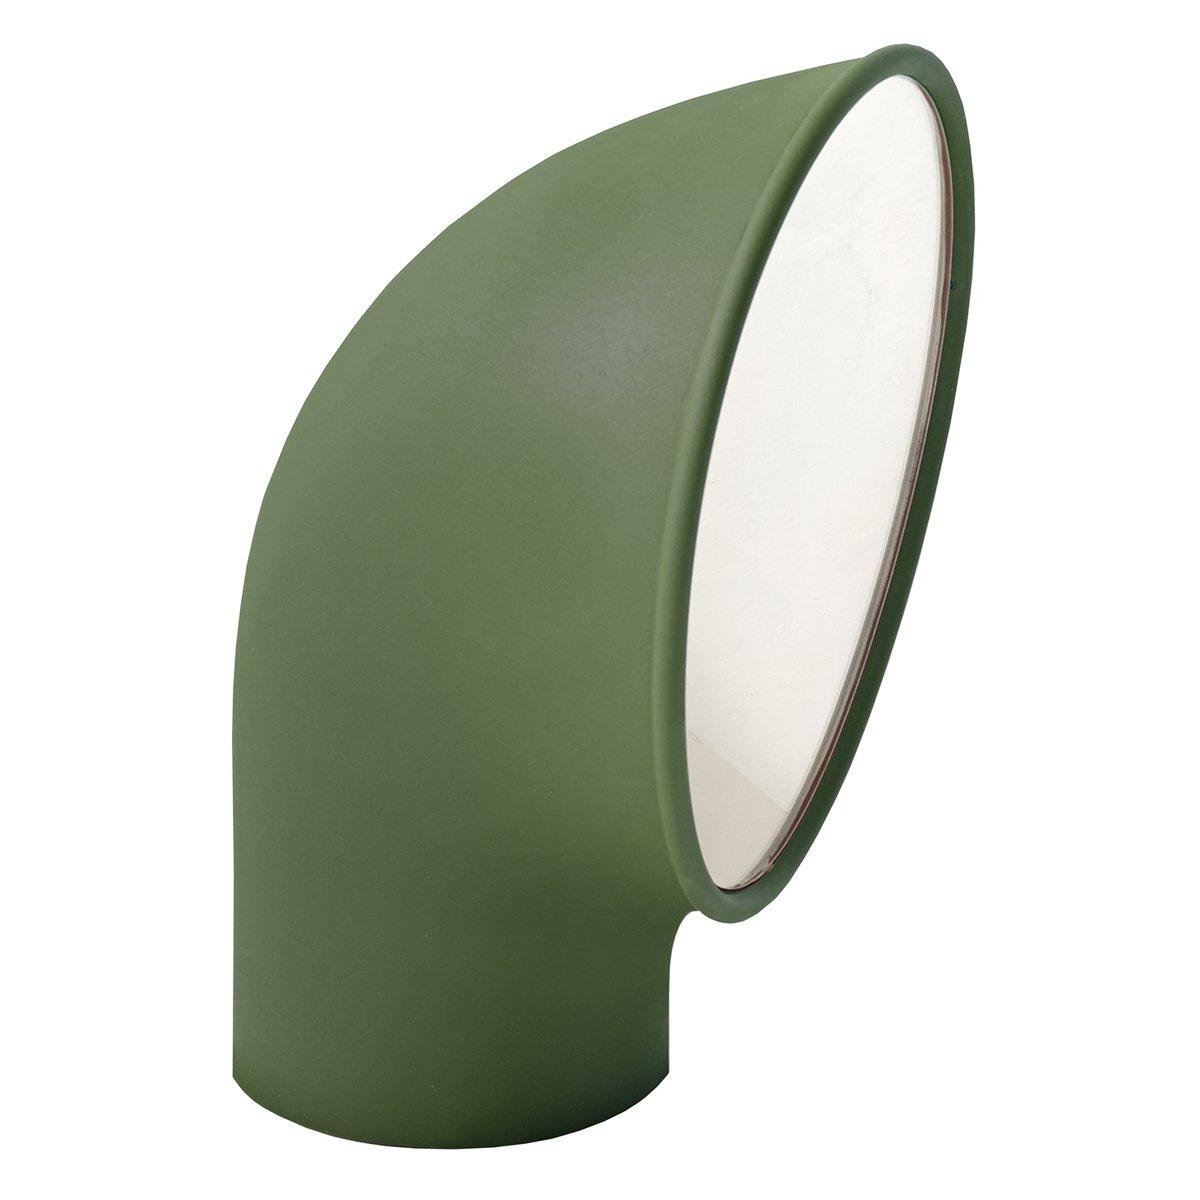 Artemide Piroscafo Floor Lamp, Outdoor, Green